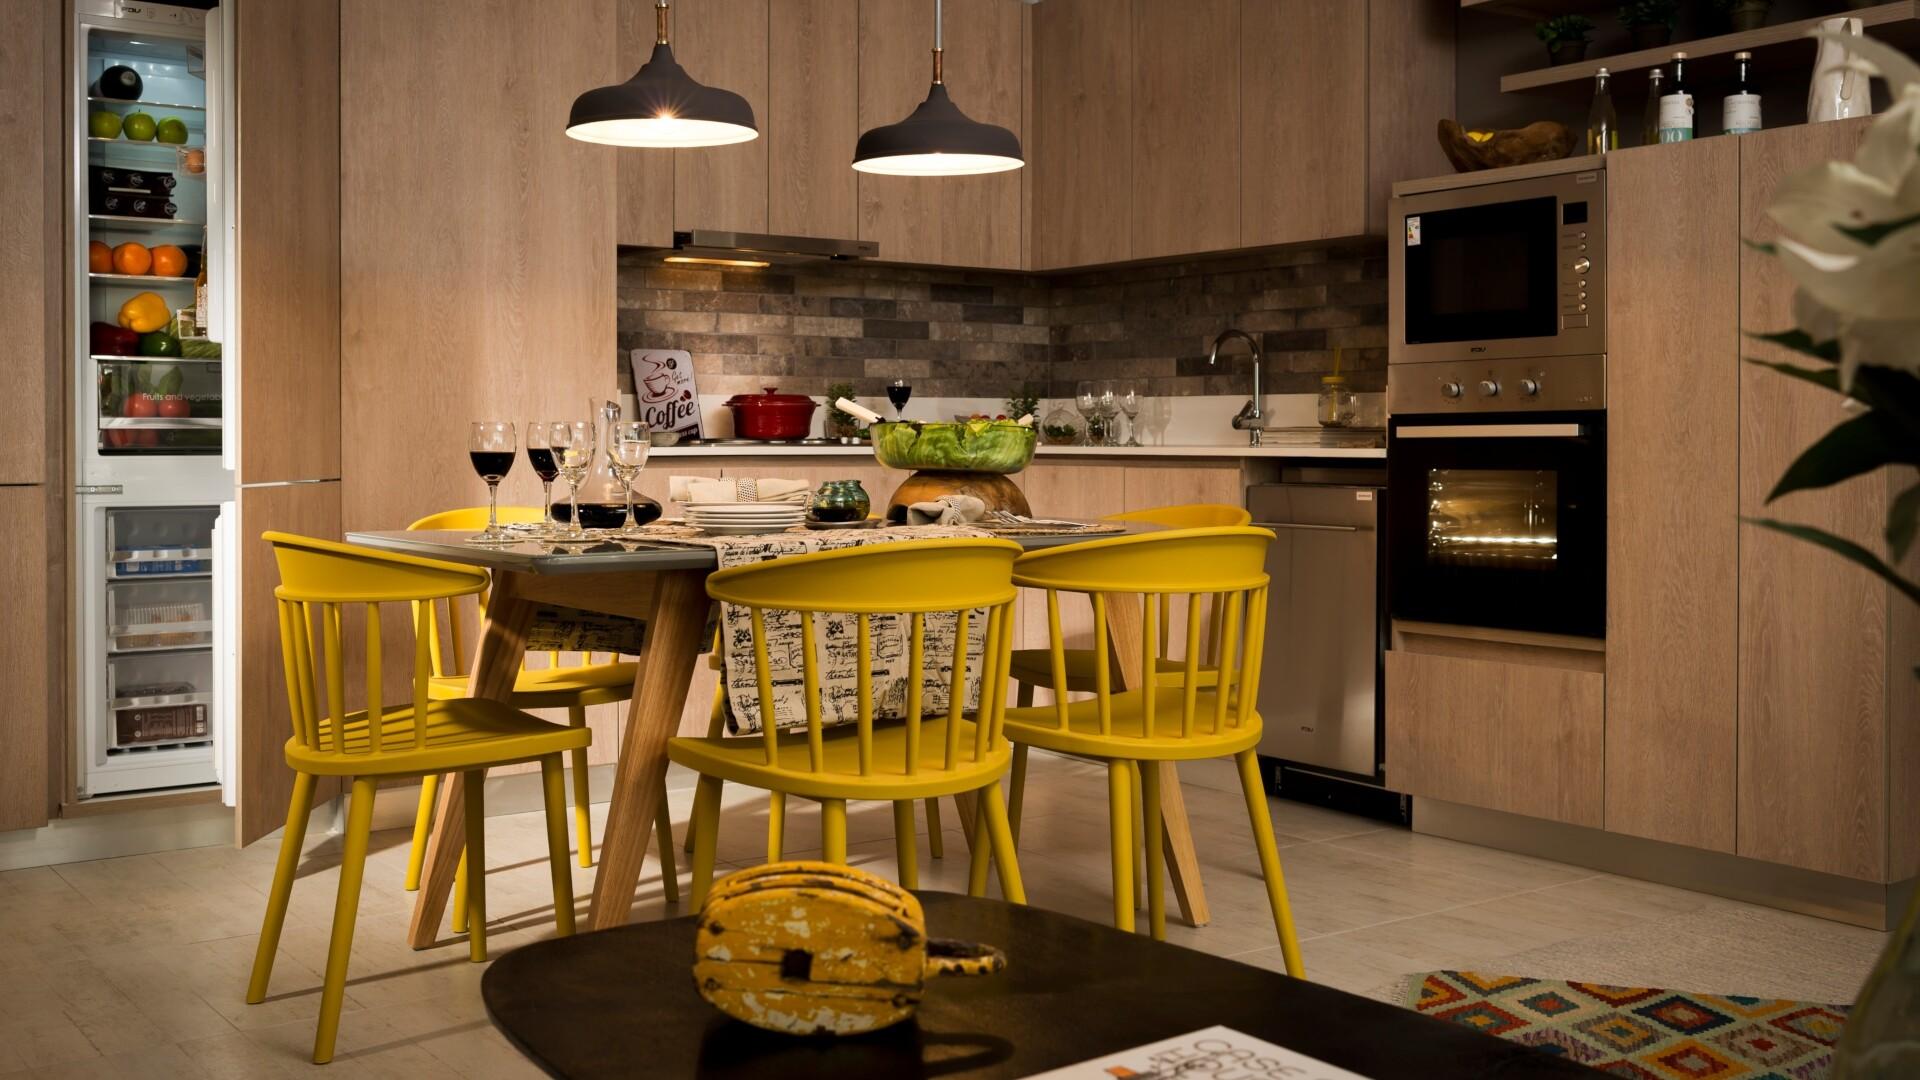 Cocina pequeña: ¿cómo maximizar los espacios?